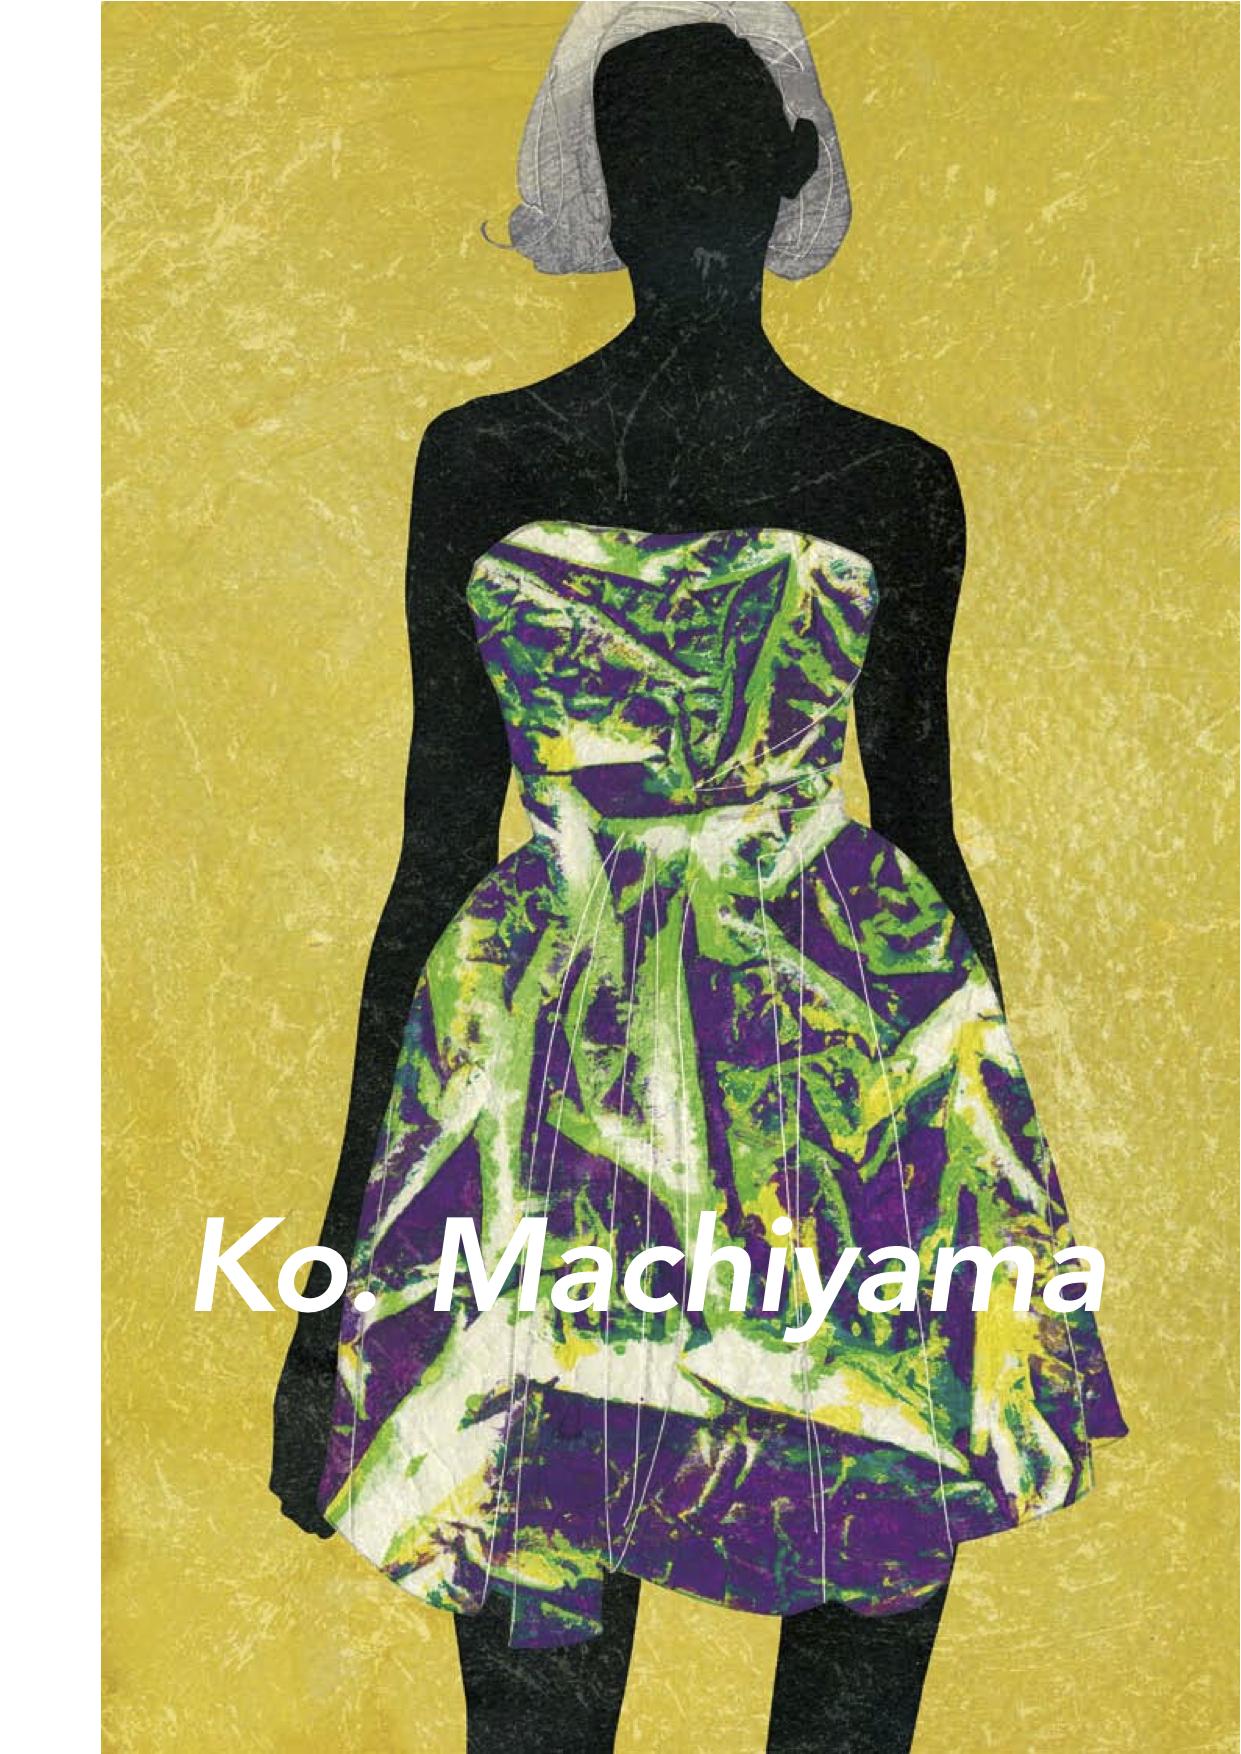 komachiyama_p40_dl_p01